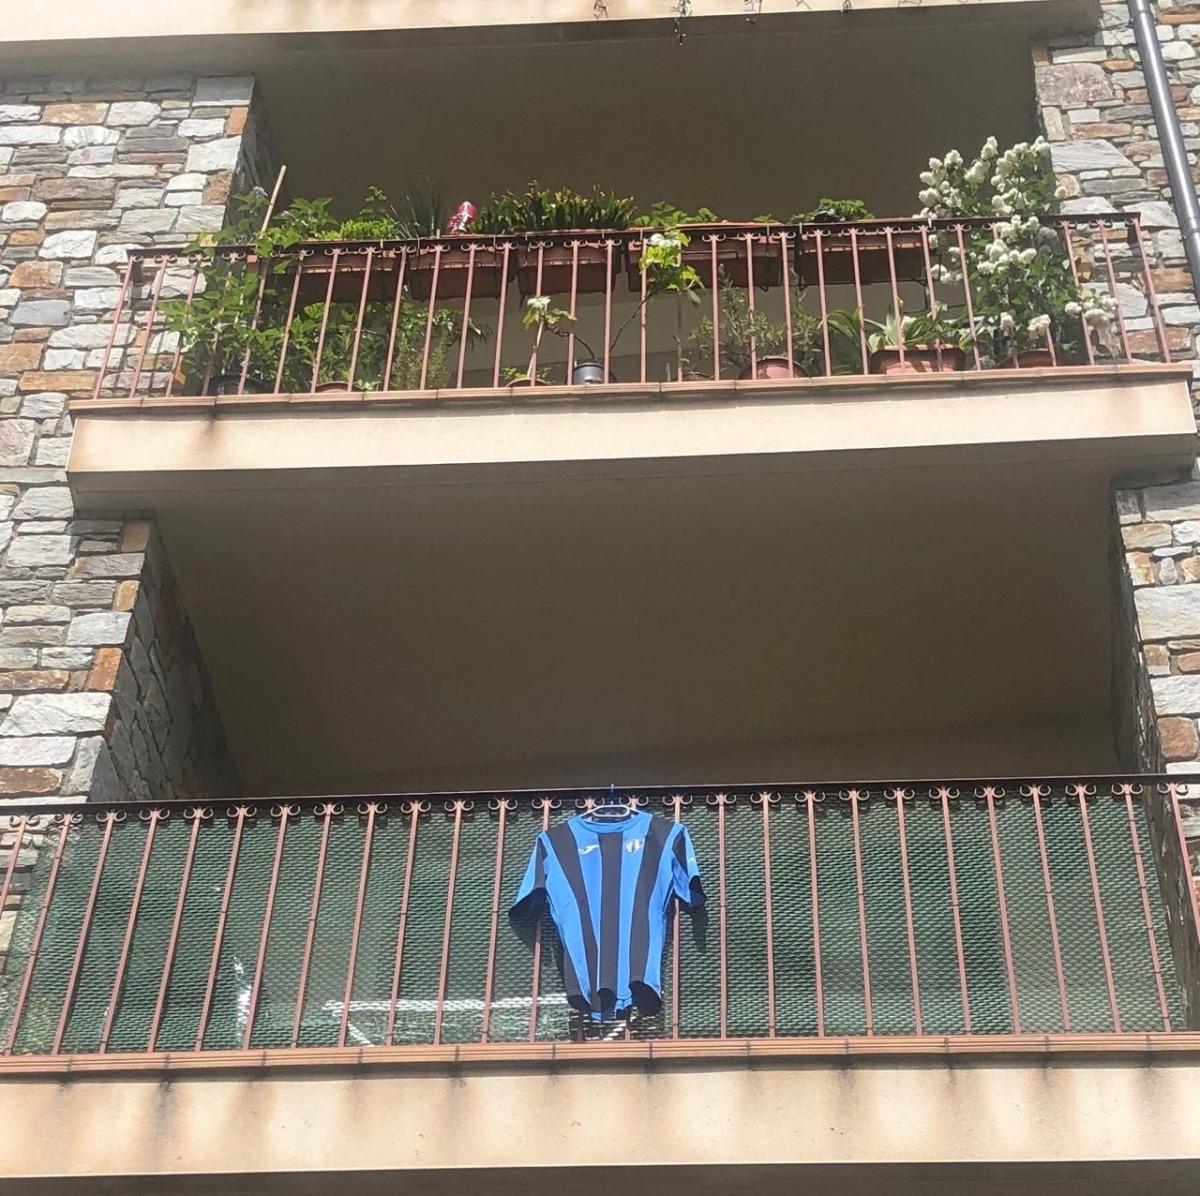 Una samarreta de l'Inter d'Escaldes en un balcó.